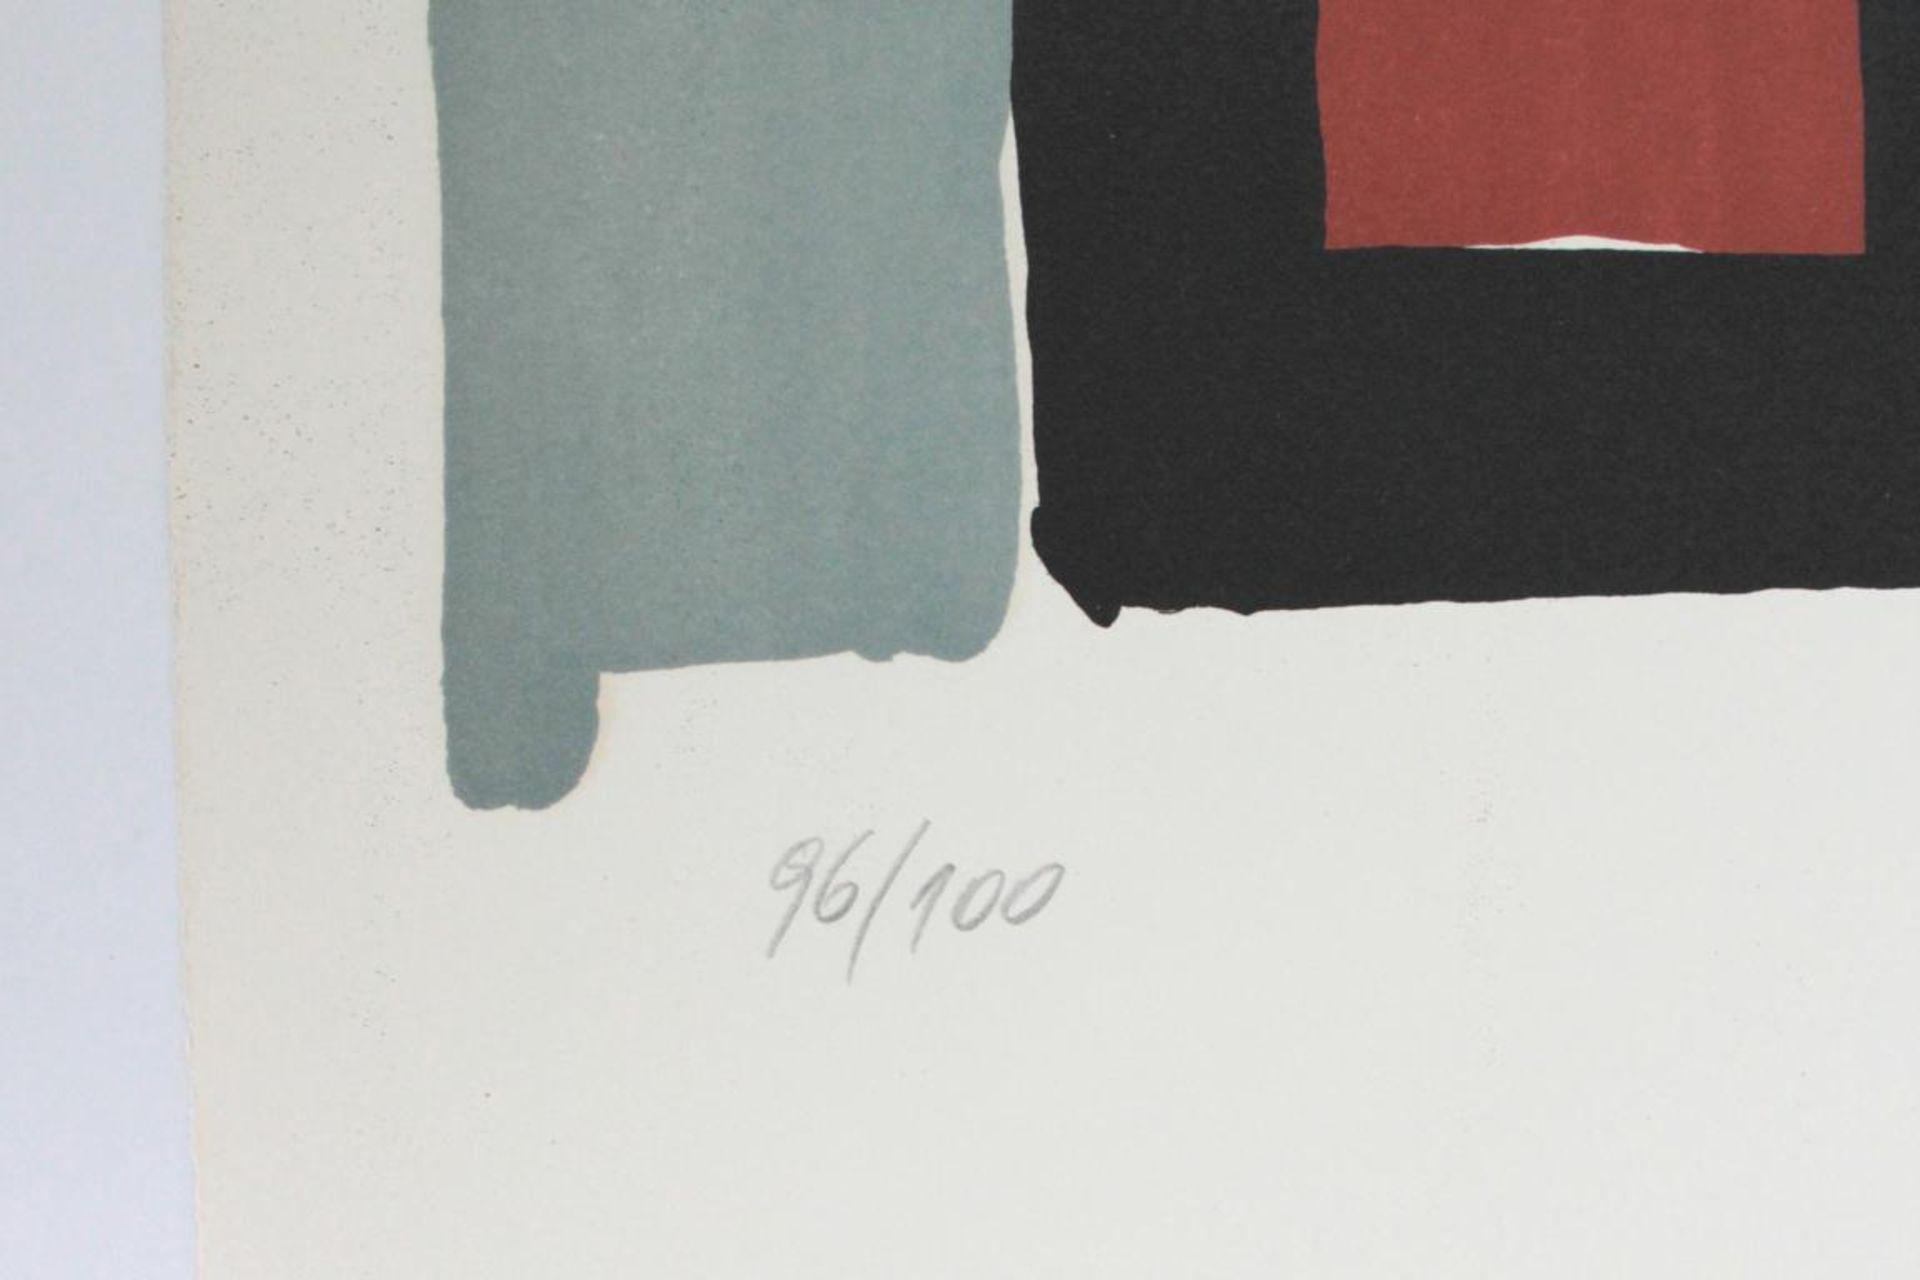 Prachensky Markus (1932-2011) Geometrische Komposition 1950/60 Farblithographie handsigniert und - Bild 3 aus 3